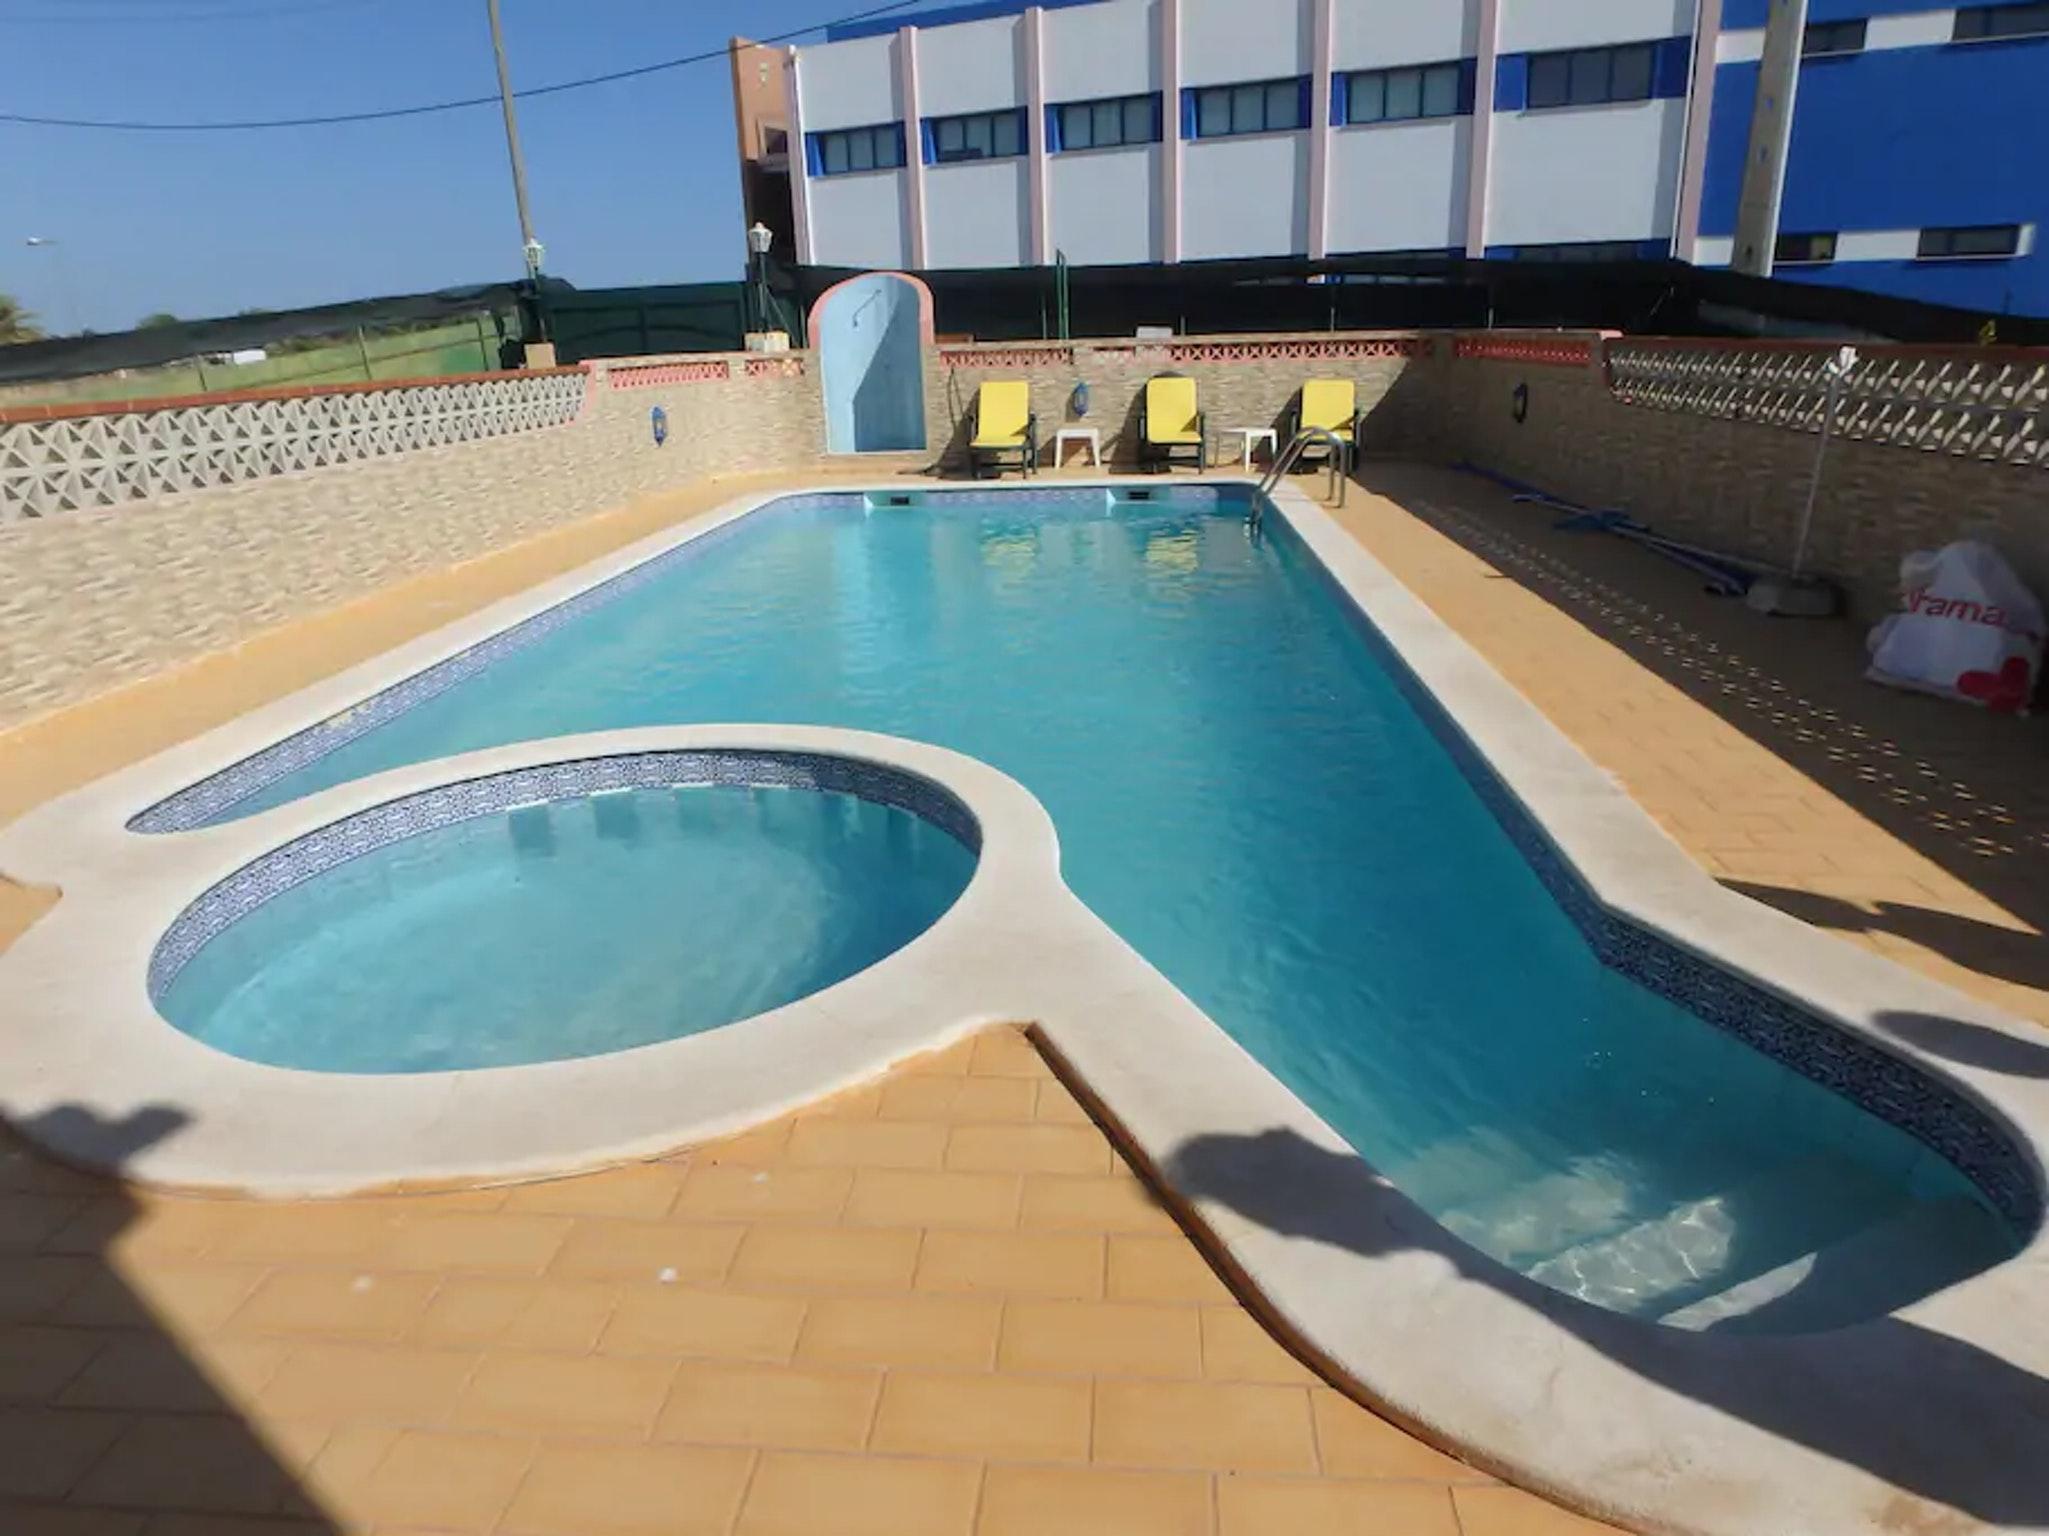 Ferienwohnung Wohnung mit 2 Schlafzimmern in Parchal mit Pool, Balkon und W-LAN - 1 km vom Strand entfer (2622202), Parchal, , Algarve, Portugal, Bild 14